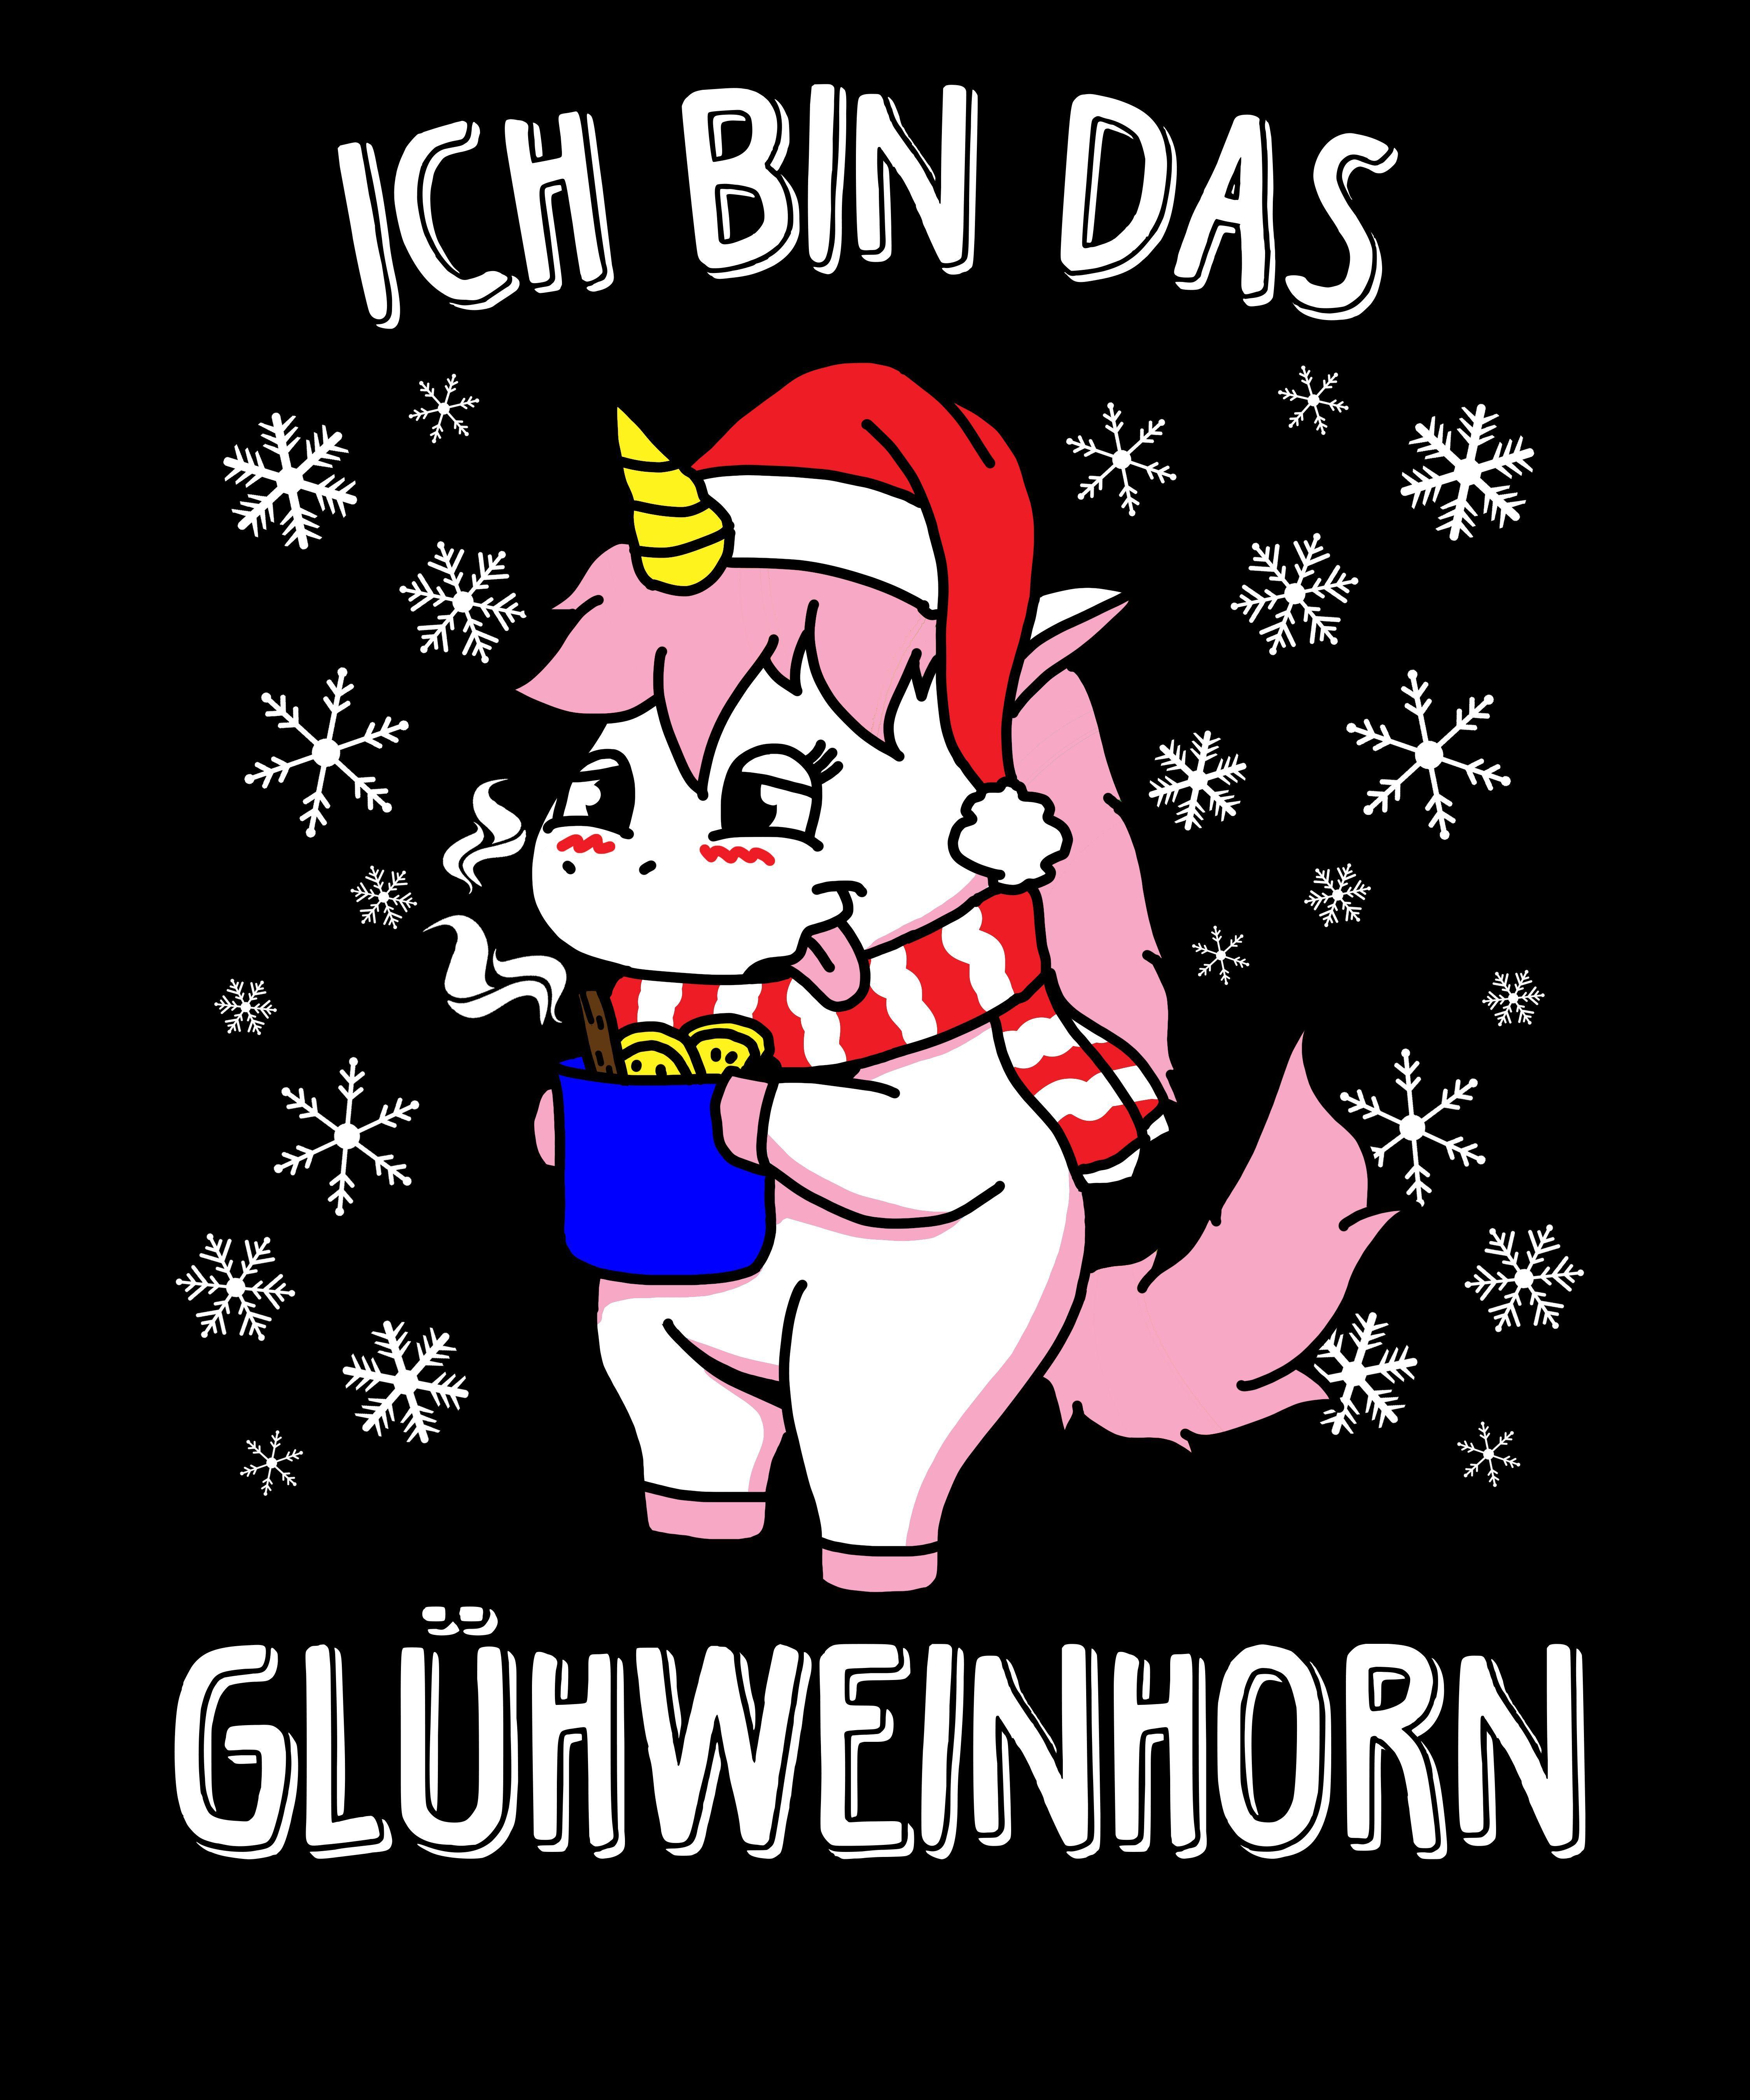 Es Geht Doch Nichts Uber Einen Heissen Gluhwein Auf Dem Weihnachtsmarkt Das Dachte Sich Diese Spruche Weihnachten Lustig Einhorn Spruche Lustige Spruche Bilder